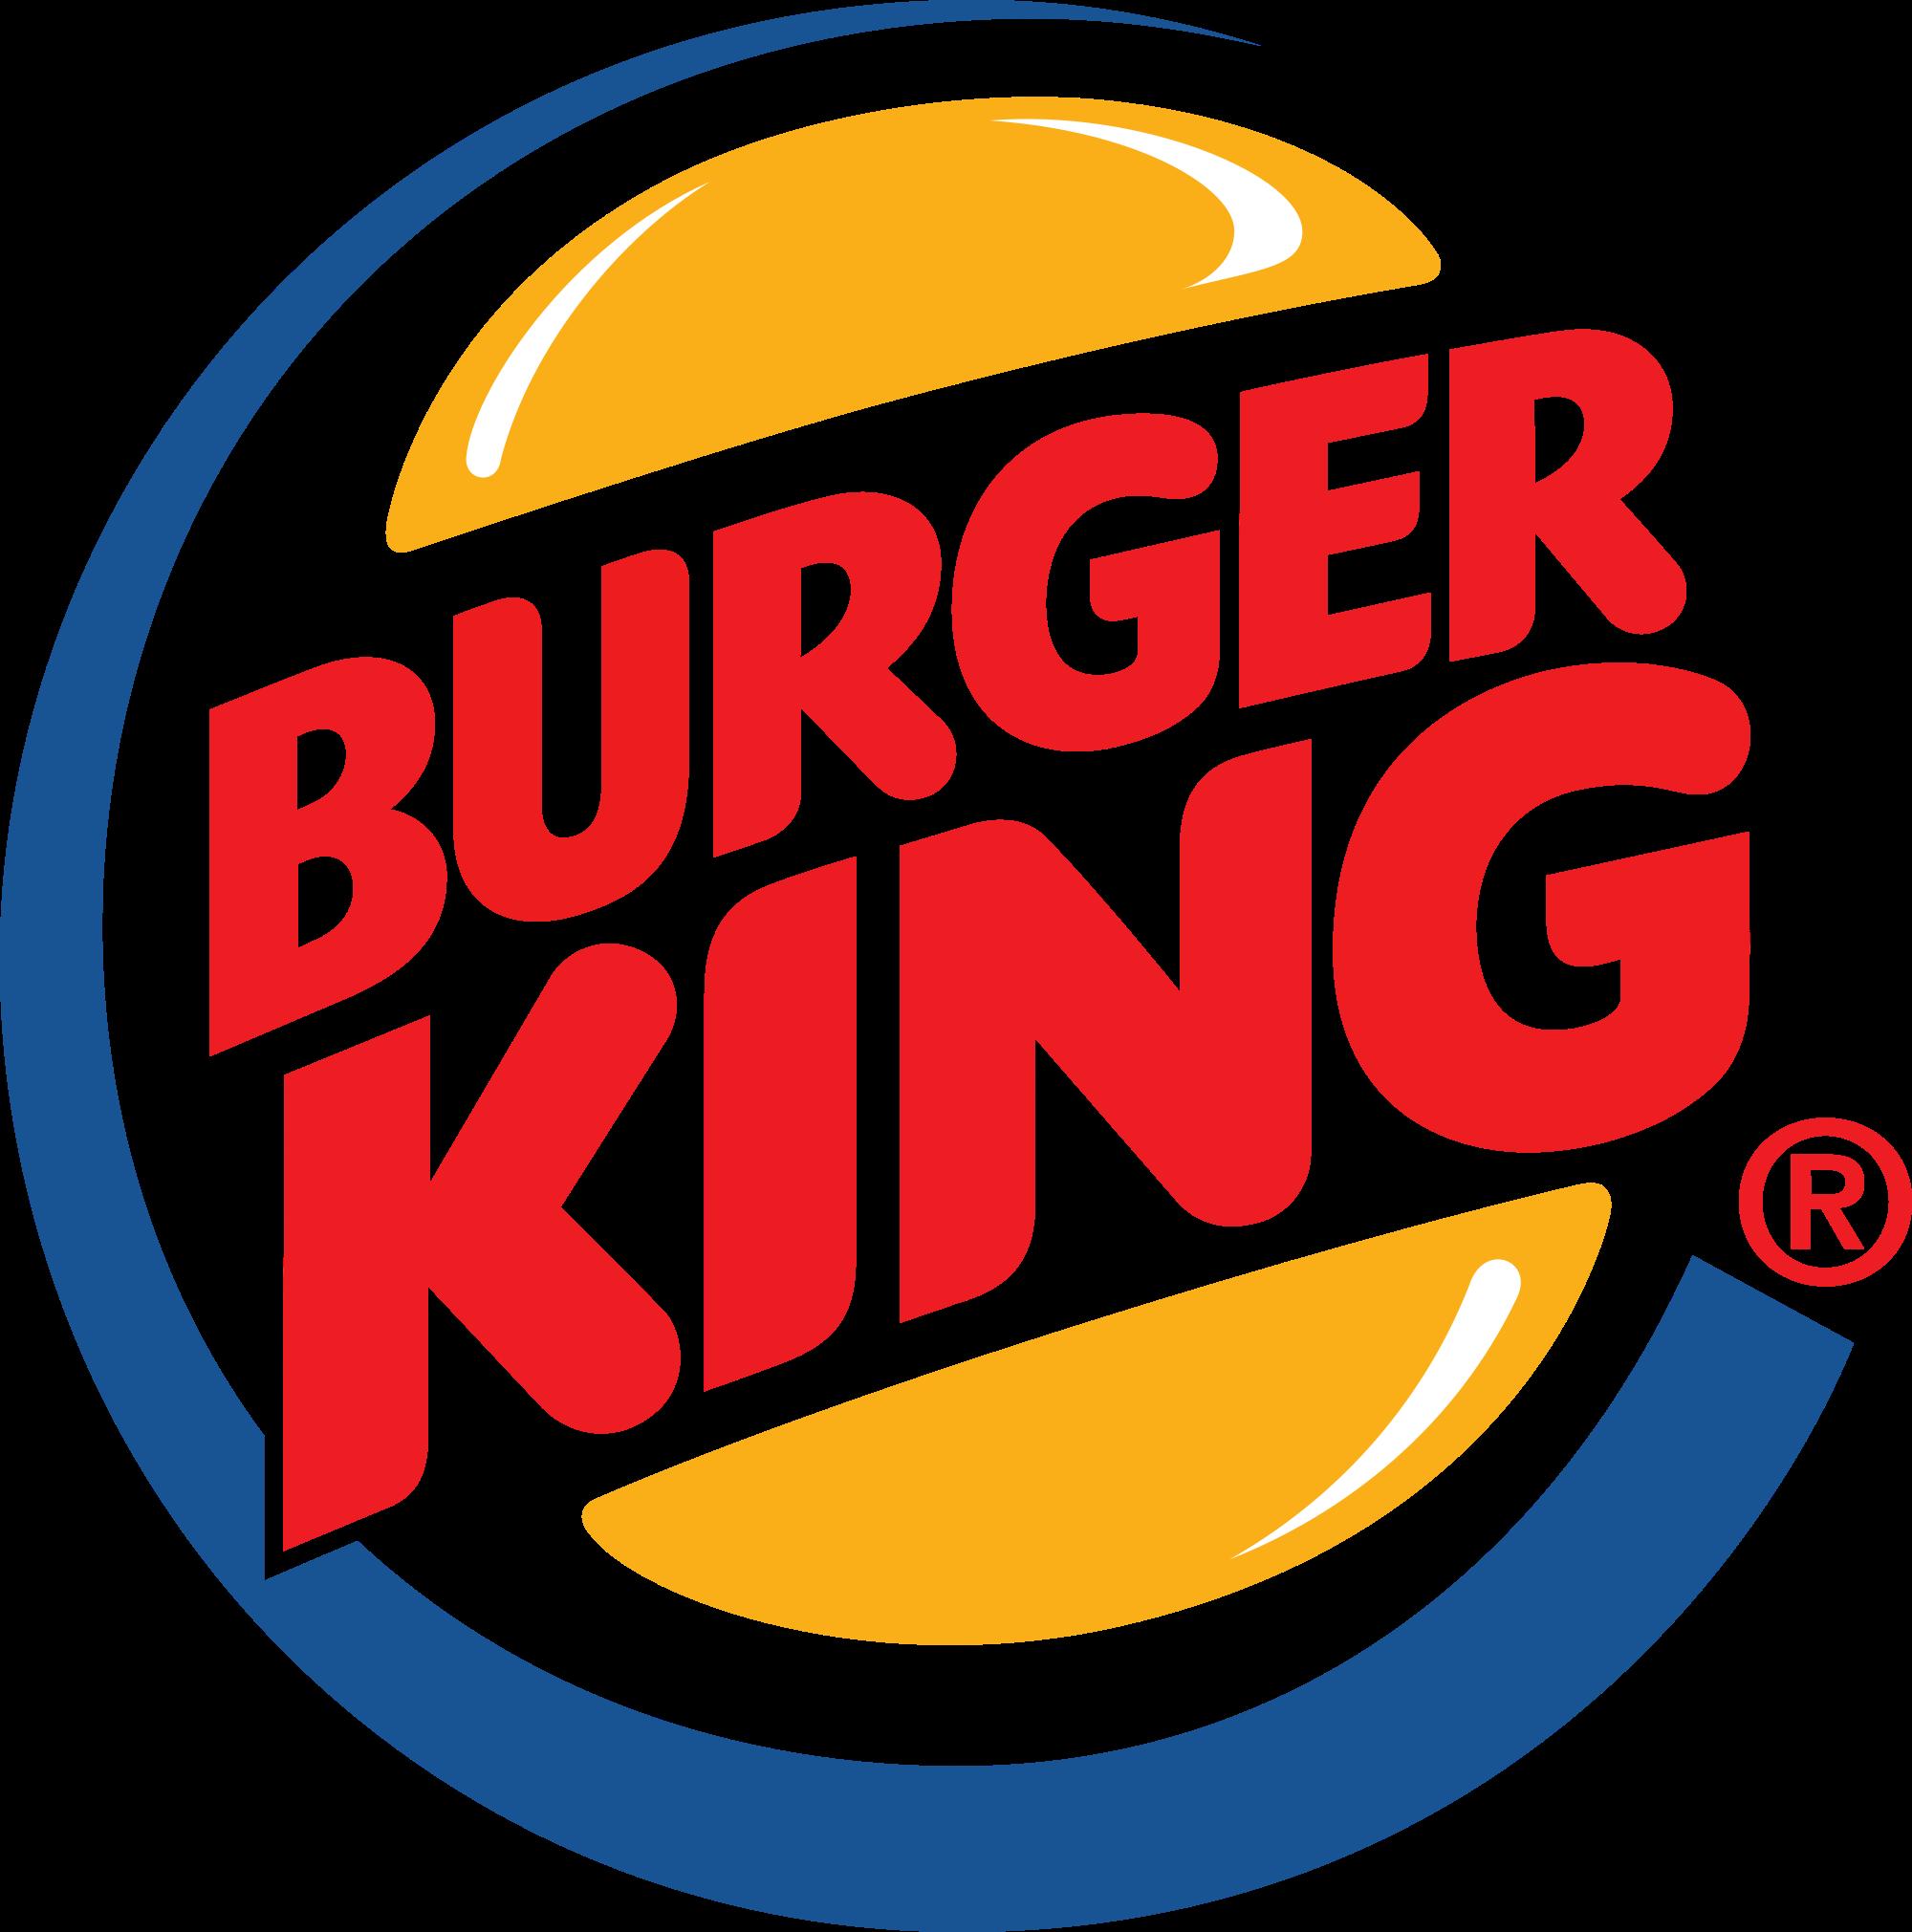 Burger King Logo PNG Image